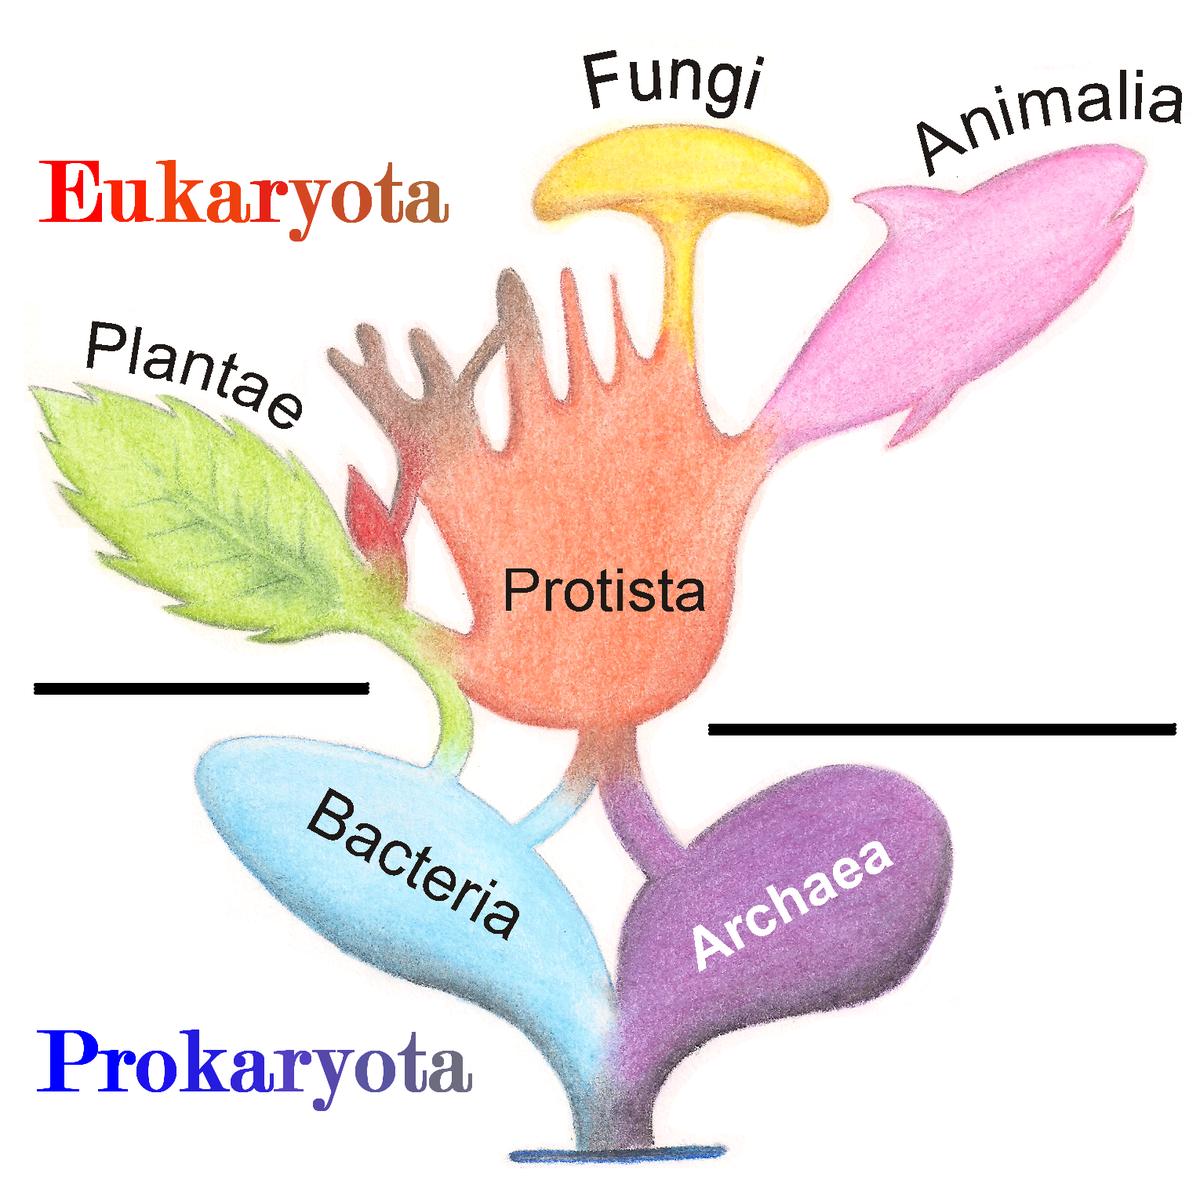 Evolución biológica - Wikipedia, la enciclopedia libre